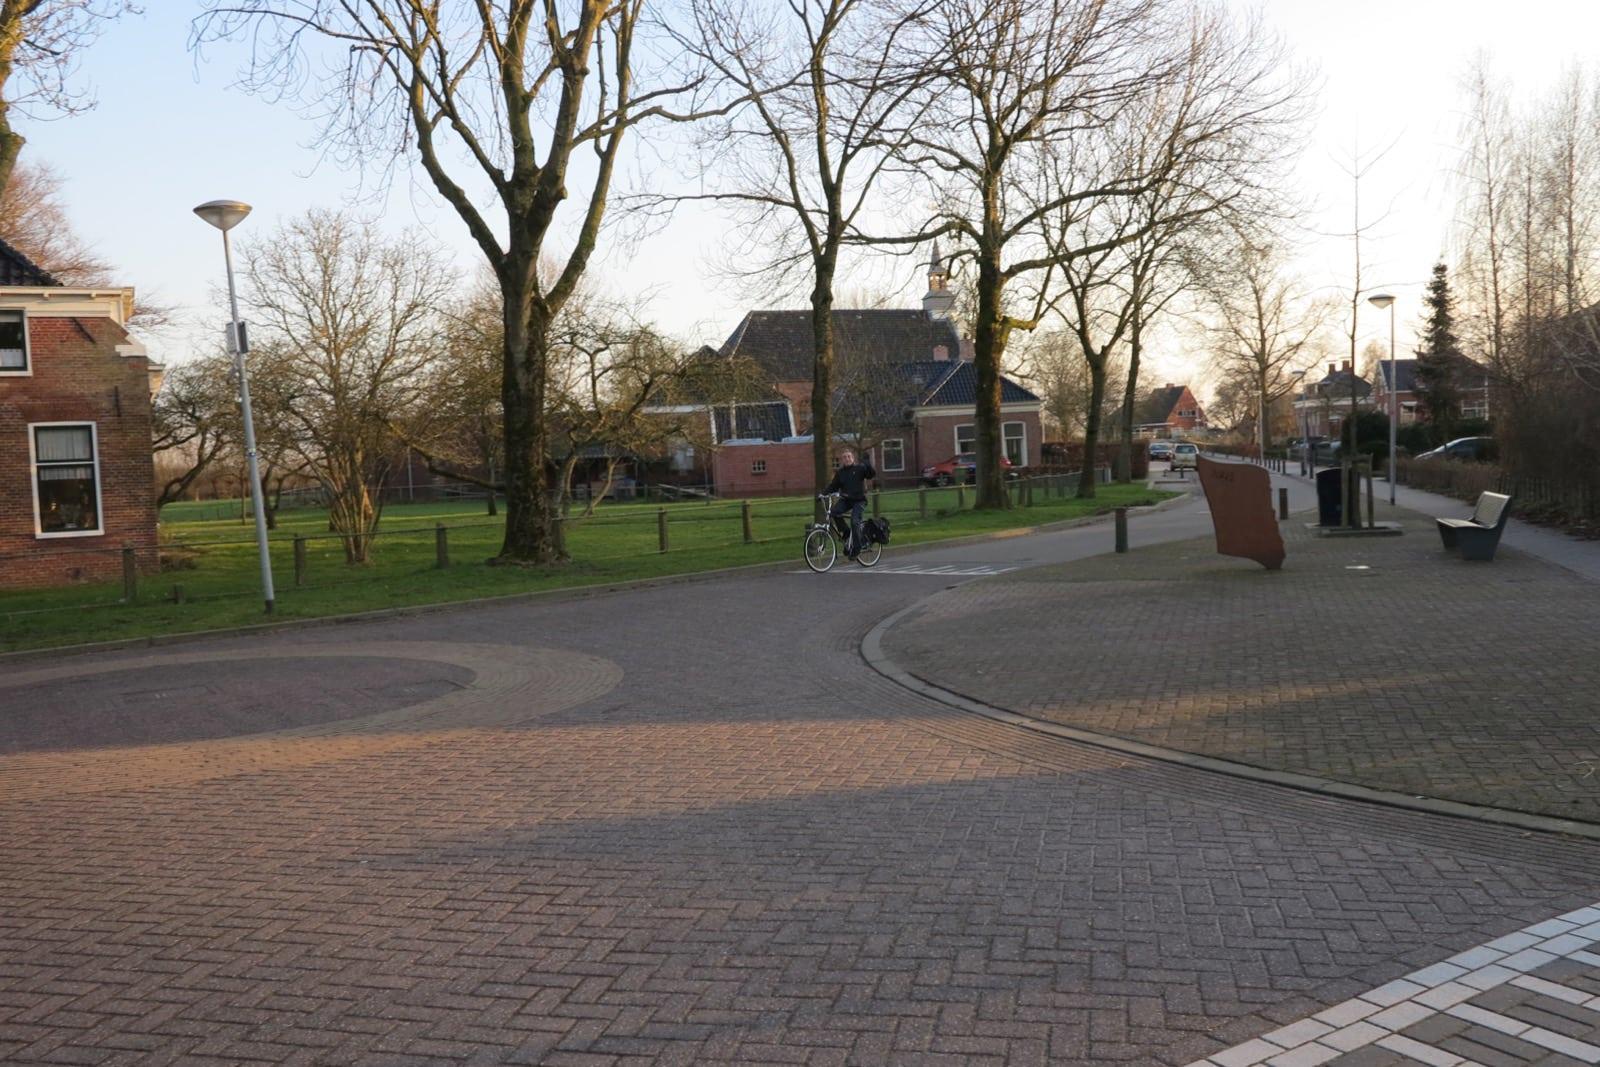 et-fiets-en-fietser-14-bertus-kol-oi.jpg